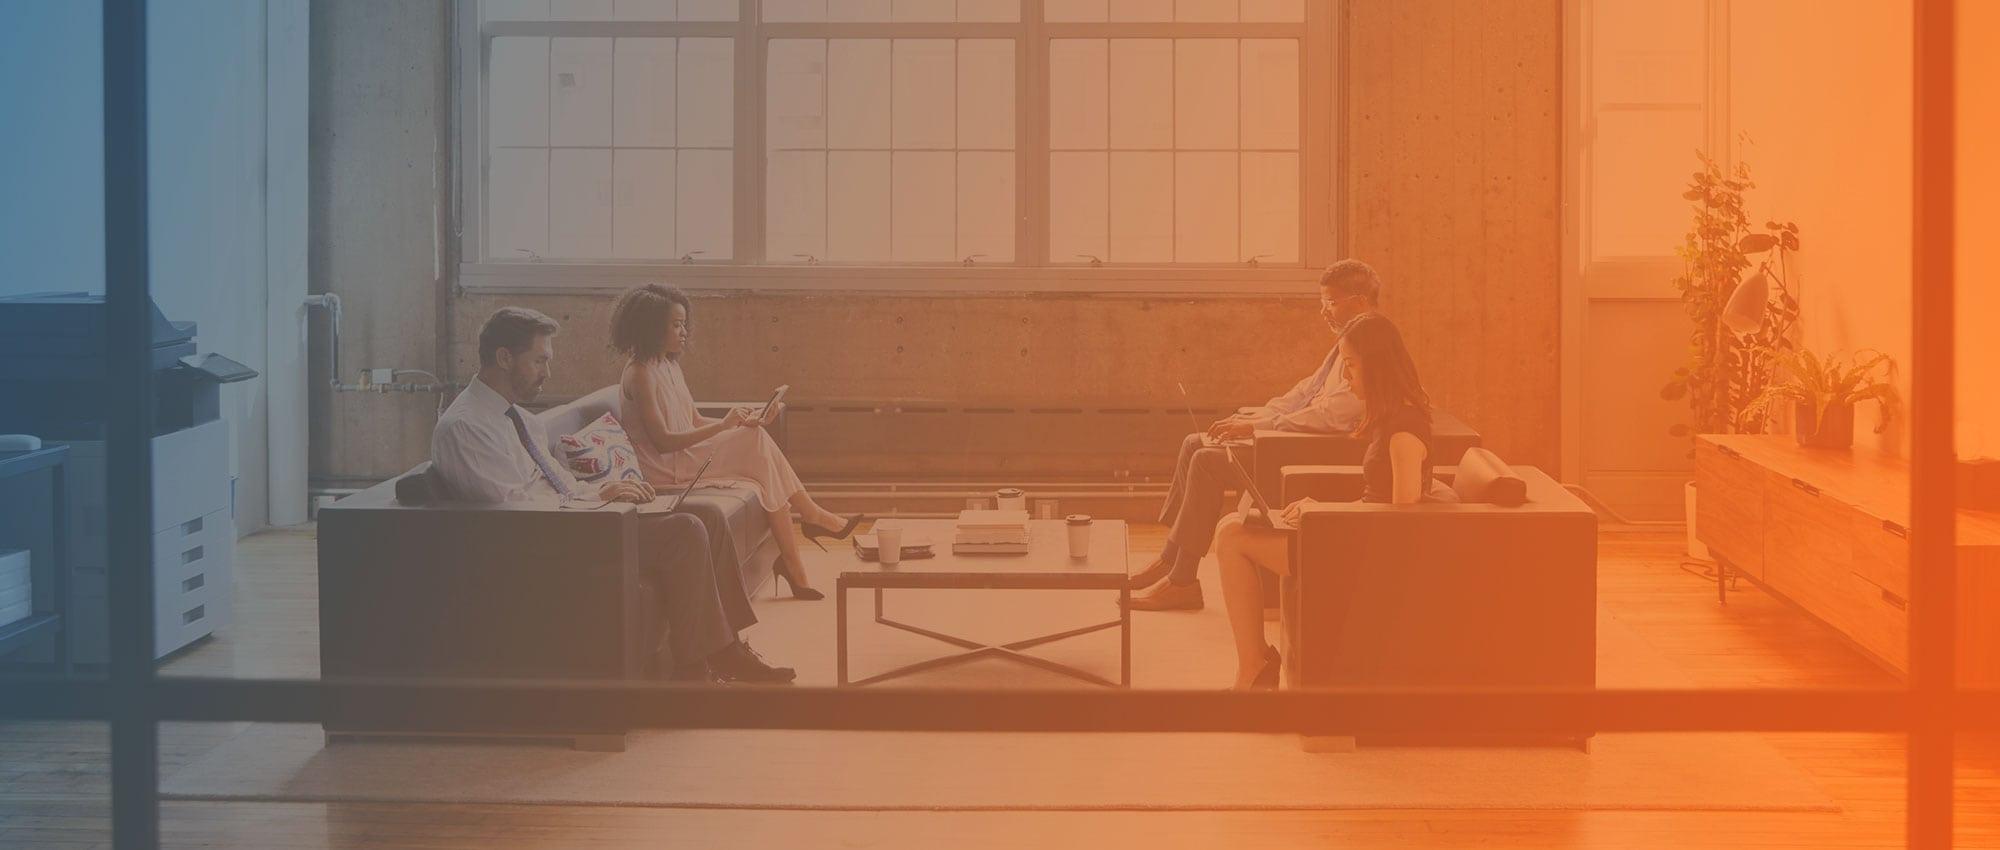 Faites germer la serendipité au cœur de votre entreprise